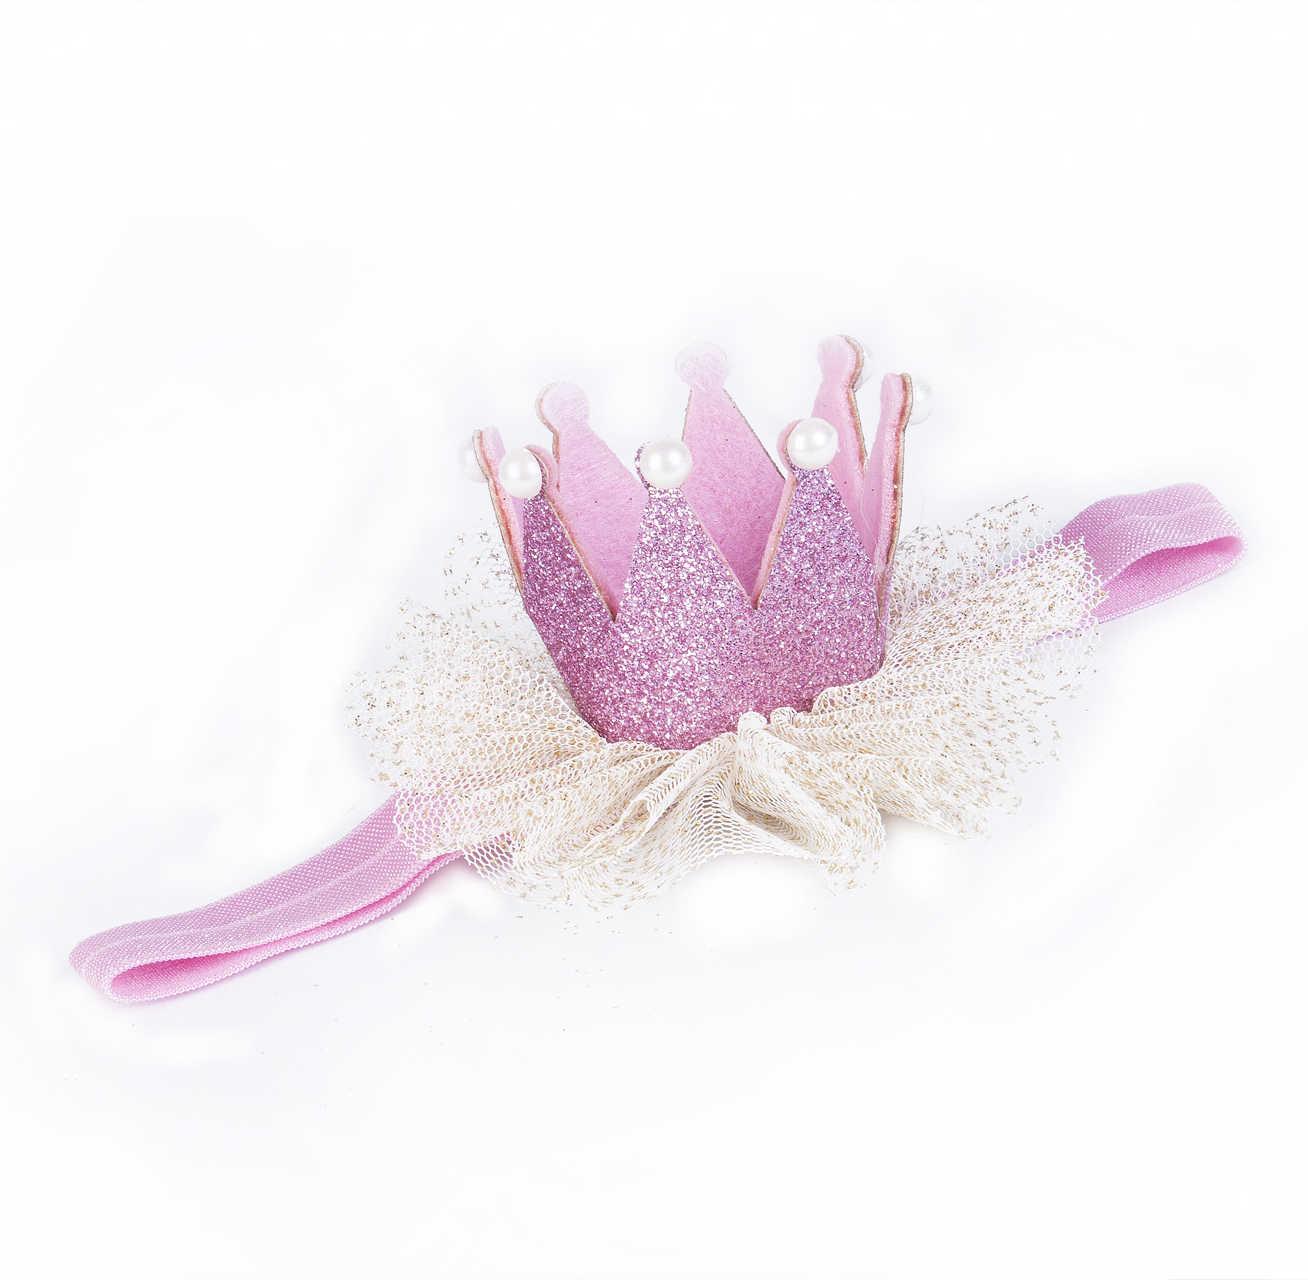 Bebé niñas sombreros Tiara de la princesa malla suave Floral Hairband diadema regalo bebé niños pequeños accesorios de bebé